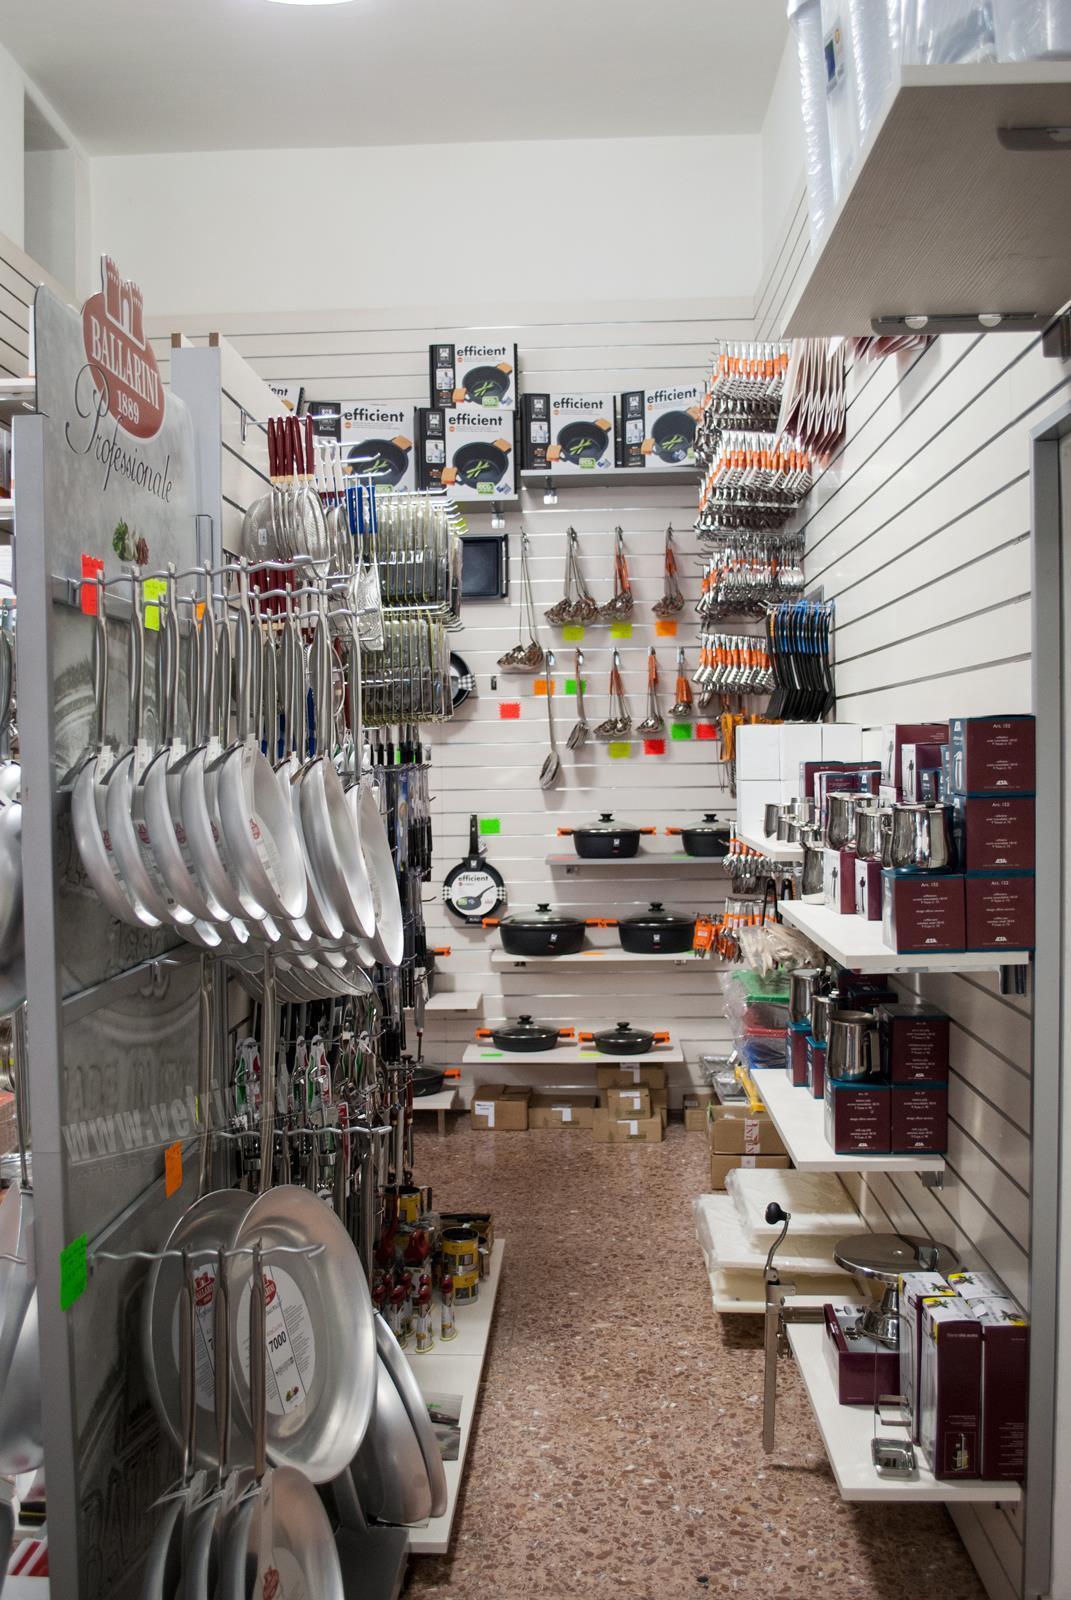 Galleria fotografica arredo allestimento casaligni a roma for Arreda negozi shop